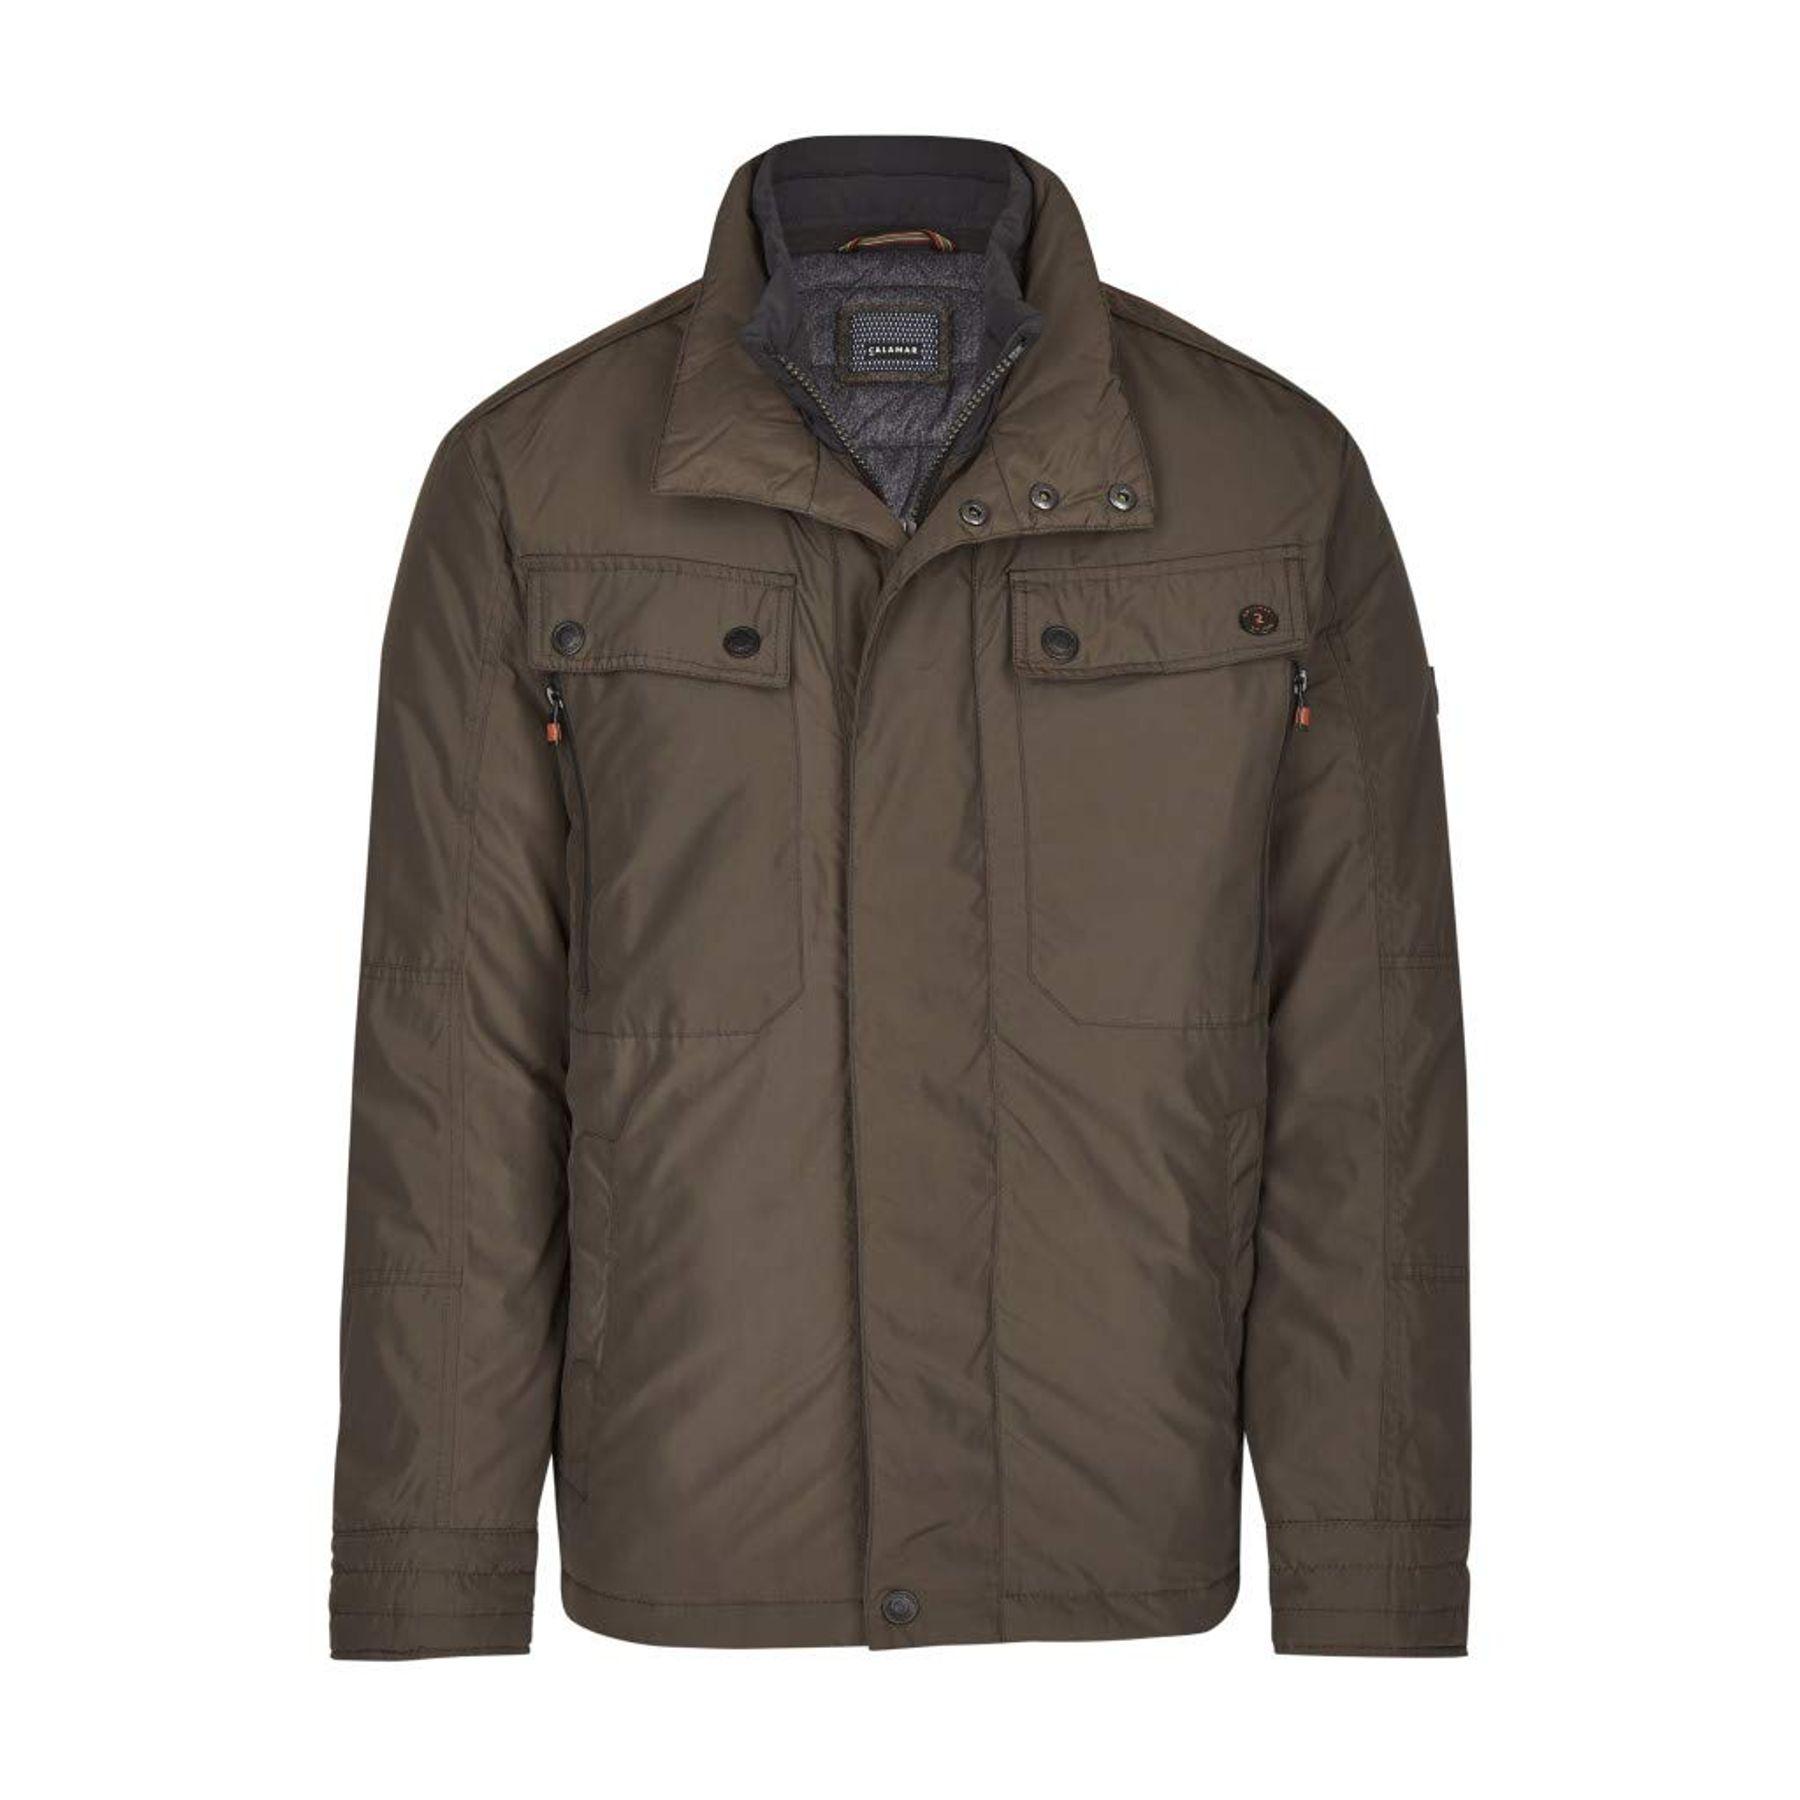 Calamar -  Herren Blouson Multi-Pocket-Jacke  (130750-8Q12) – Bild 1